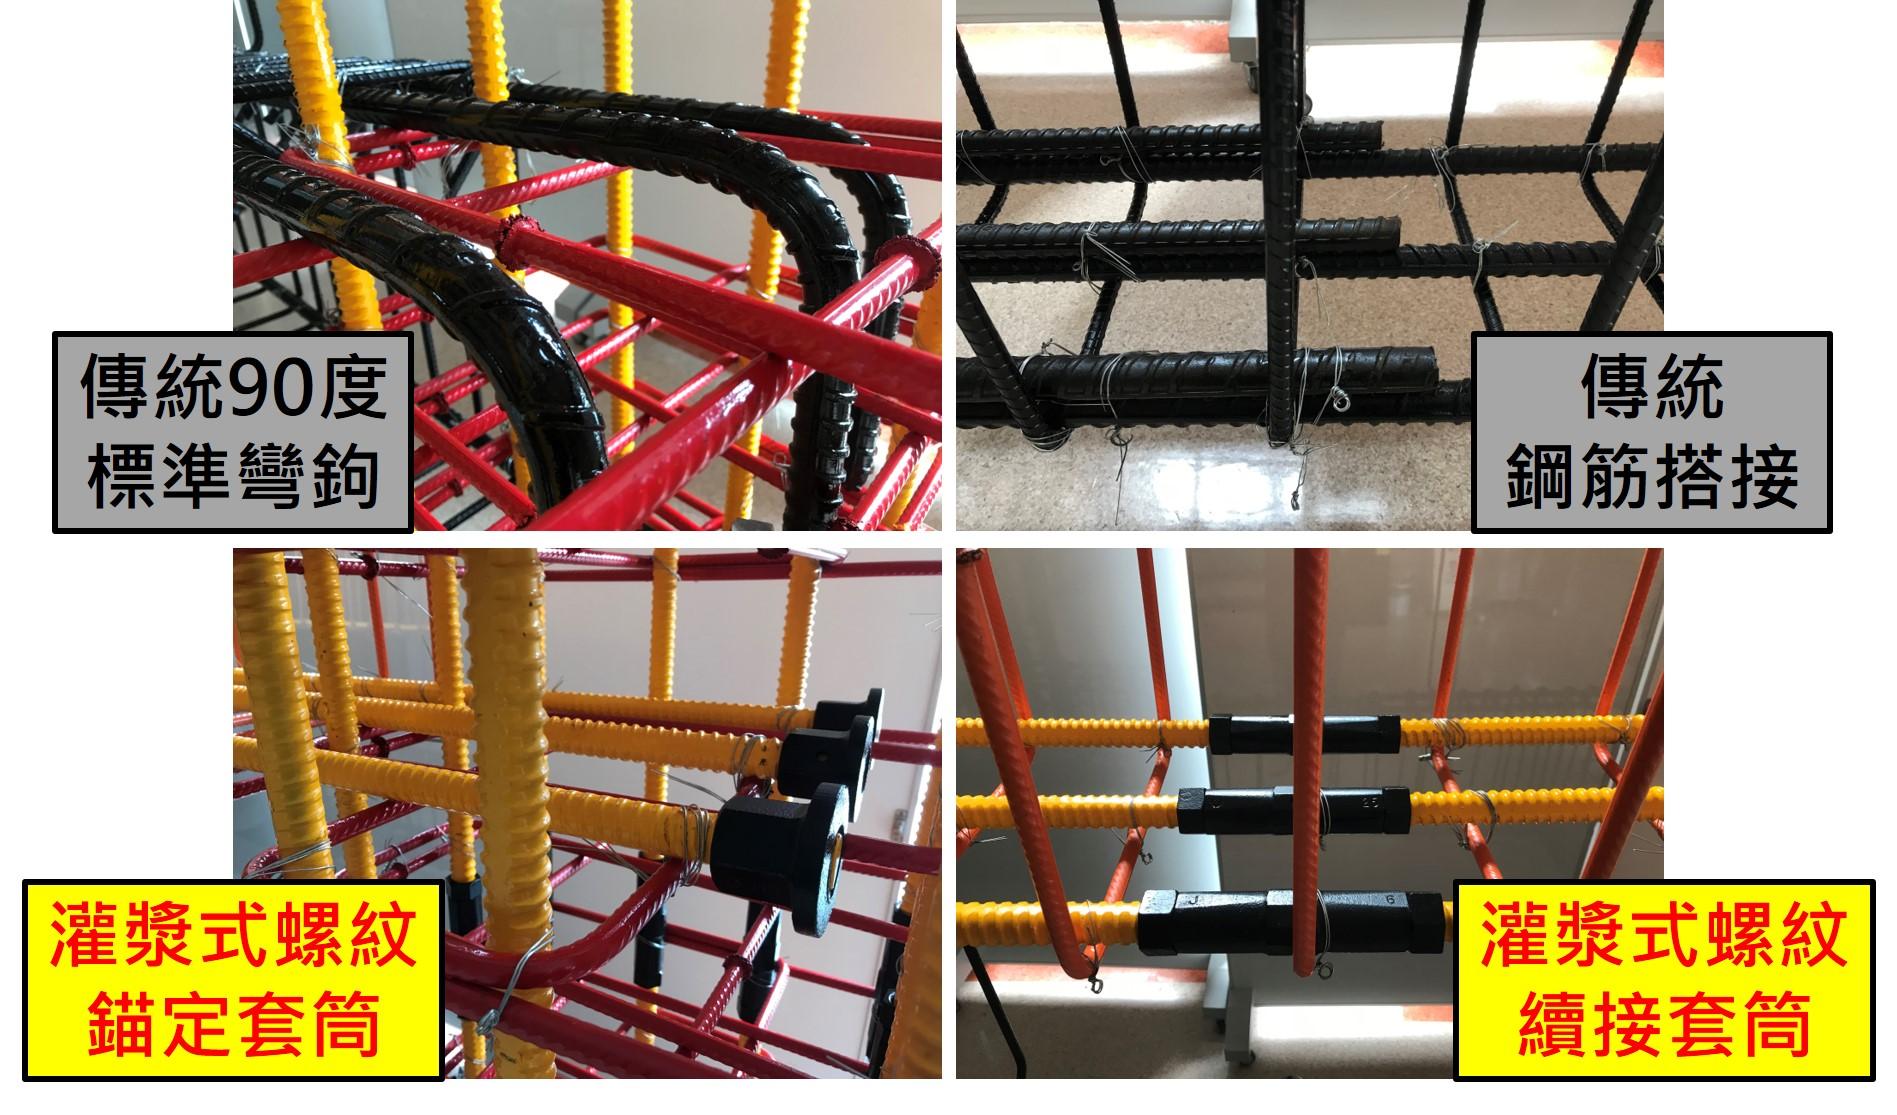 圖片提供4-新舊技術元件